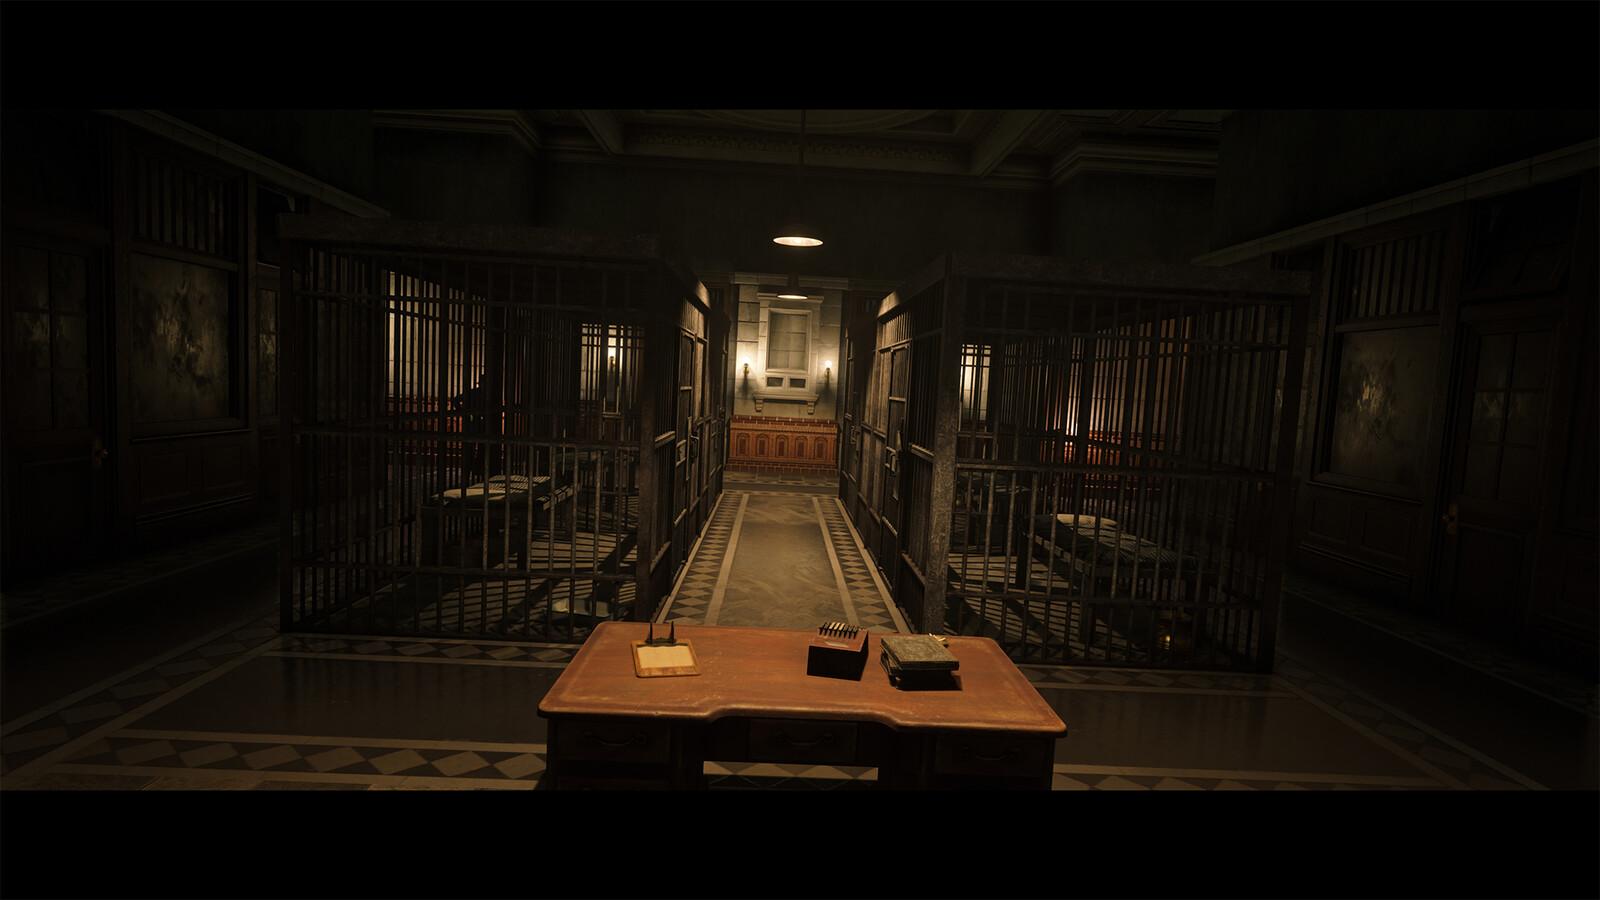 SAINT DENIS POLICE STATION LIGHTING - RED DEAD REDEMPTION 2